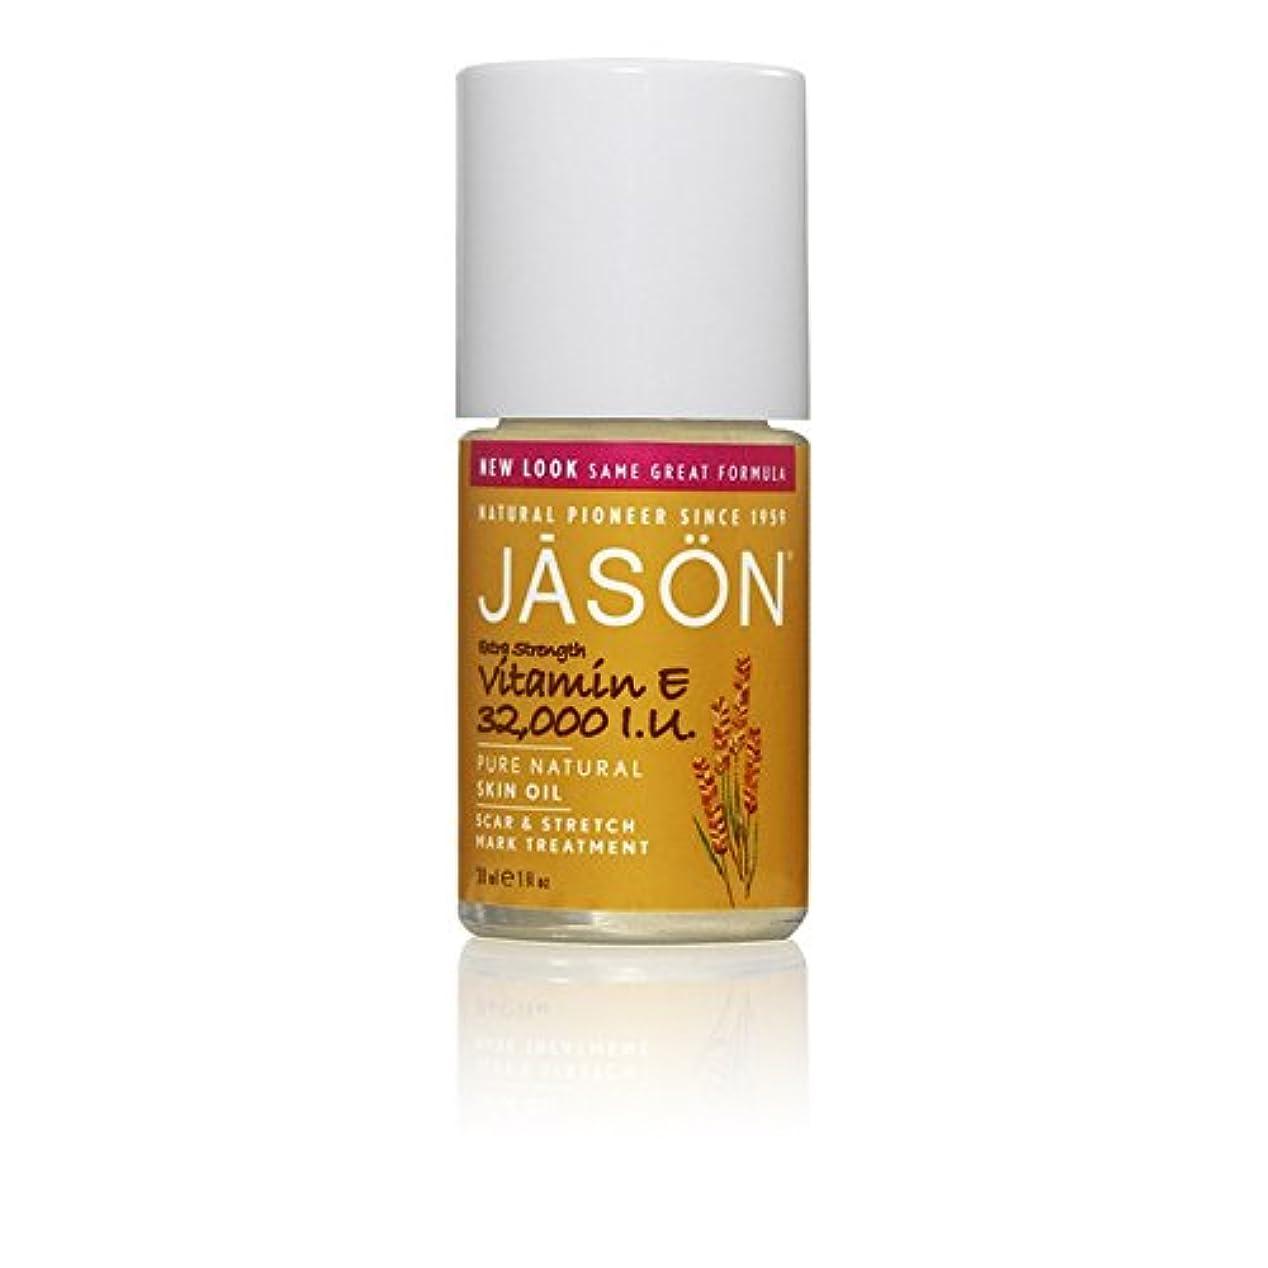 二次アクセスできない売るJason Vitamin E 32,000iu Oil Scar & Stretch Mark Treatment 33ml - ジェイソン?ビタミン 32,000オイル傷跡&ストレッチマークトリートメント33ミリリットル...